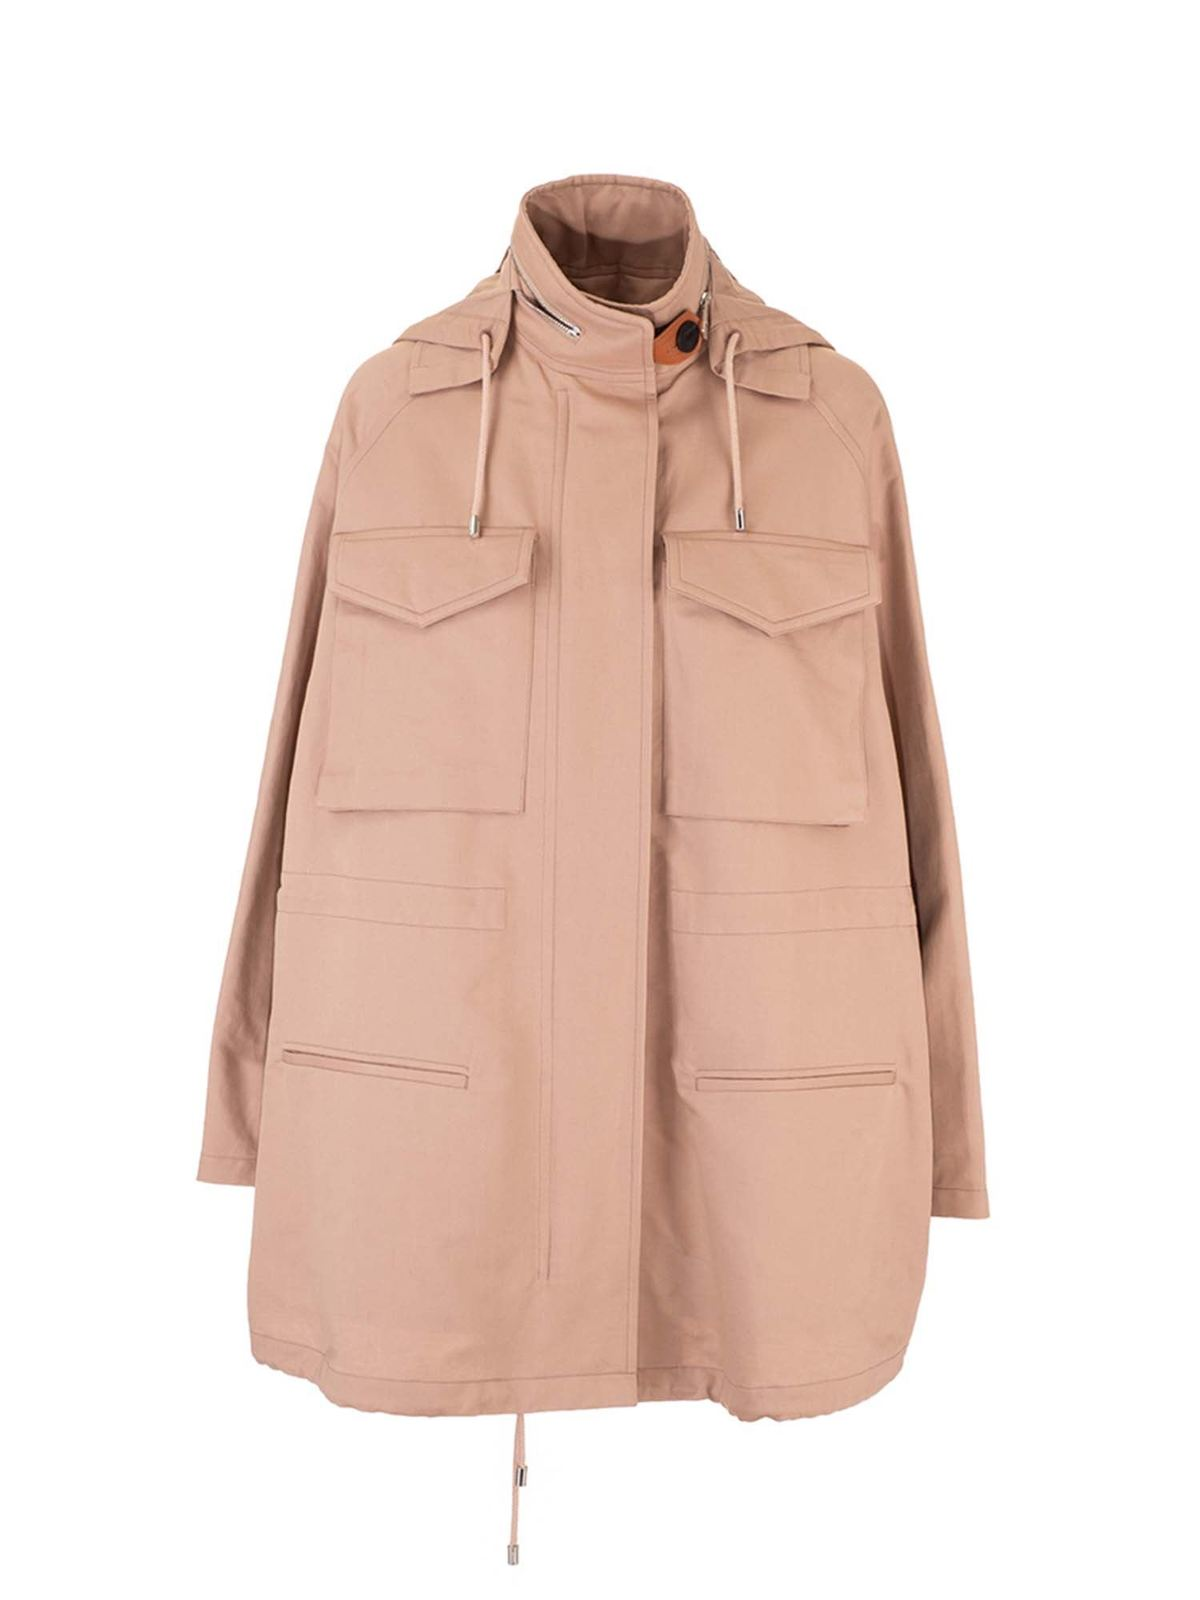 Loewe Jackets MILITARY HOODED PARKA IN BEIGE